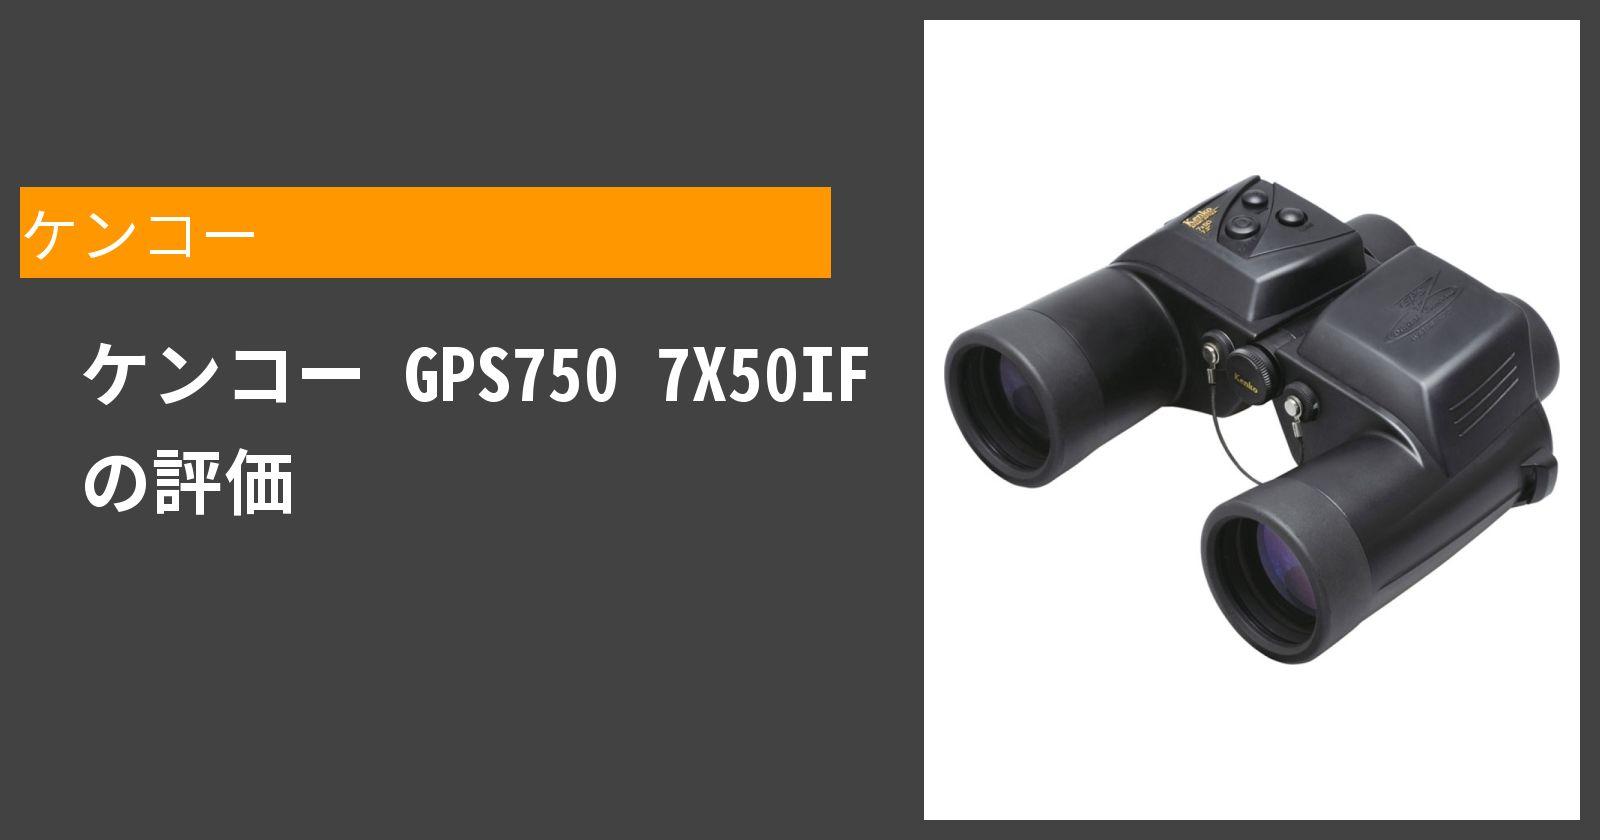 ケンコー GPS750 7X50IFを徹底評価